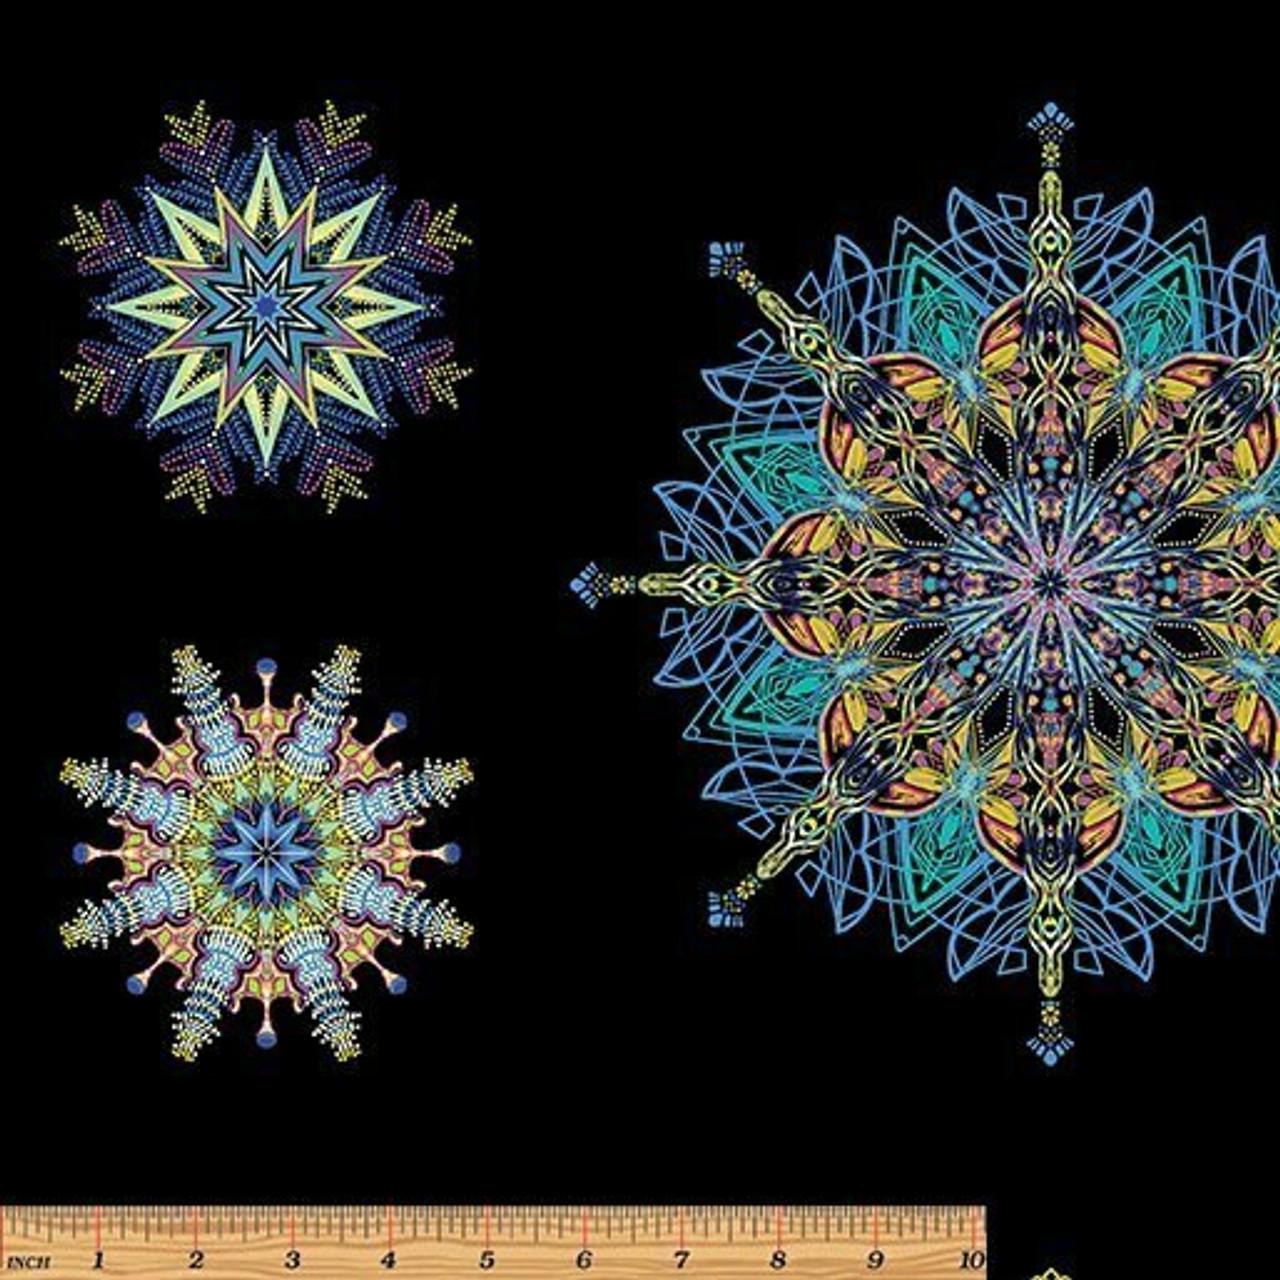 Kismet by Paula Nandelstern: Mandalas - blue multi